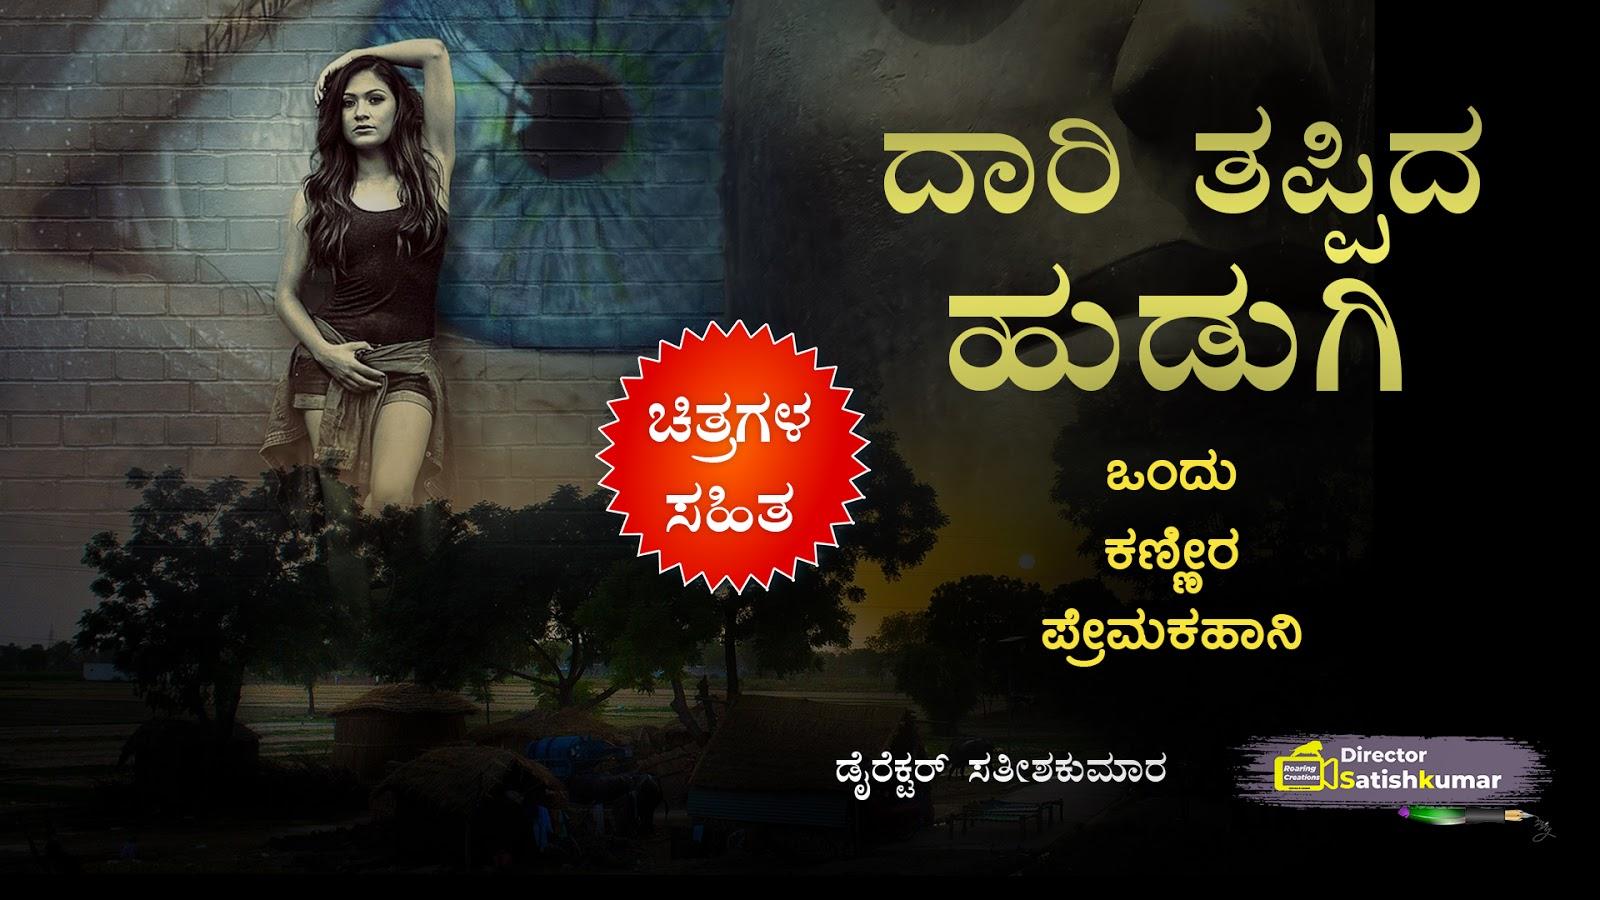 ದಾರಿ ತಪ್ಪಿದ ಹುಡುಗಿ : ಒಂದು ಕಣ್ಣೀರ ಪ್ರೇಮಕಹಾನಿ - Kannada Sad Love Story - ಕನ್ನಡ ಕಥೆ ಪುಸ್ತಕಗಳು - Kannada Story Books -  E Books Kannada - Kannada Books